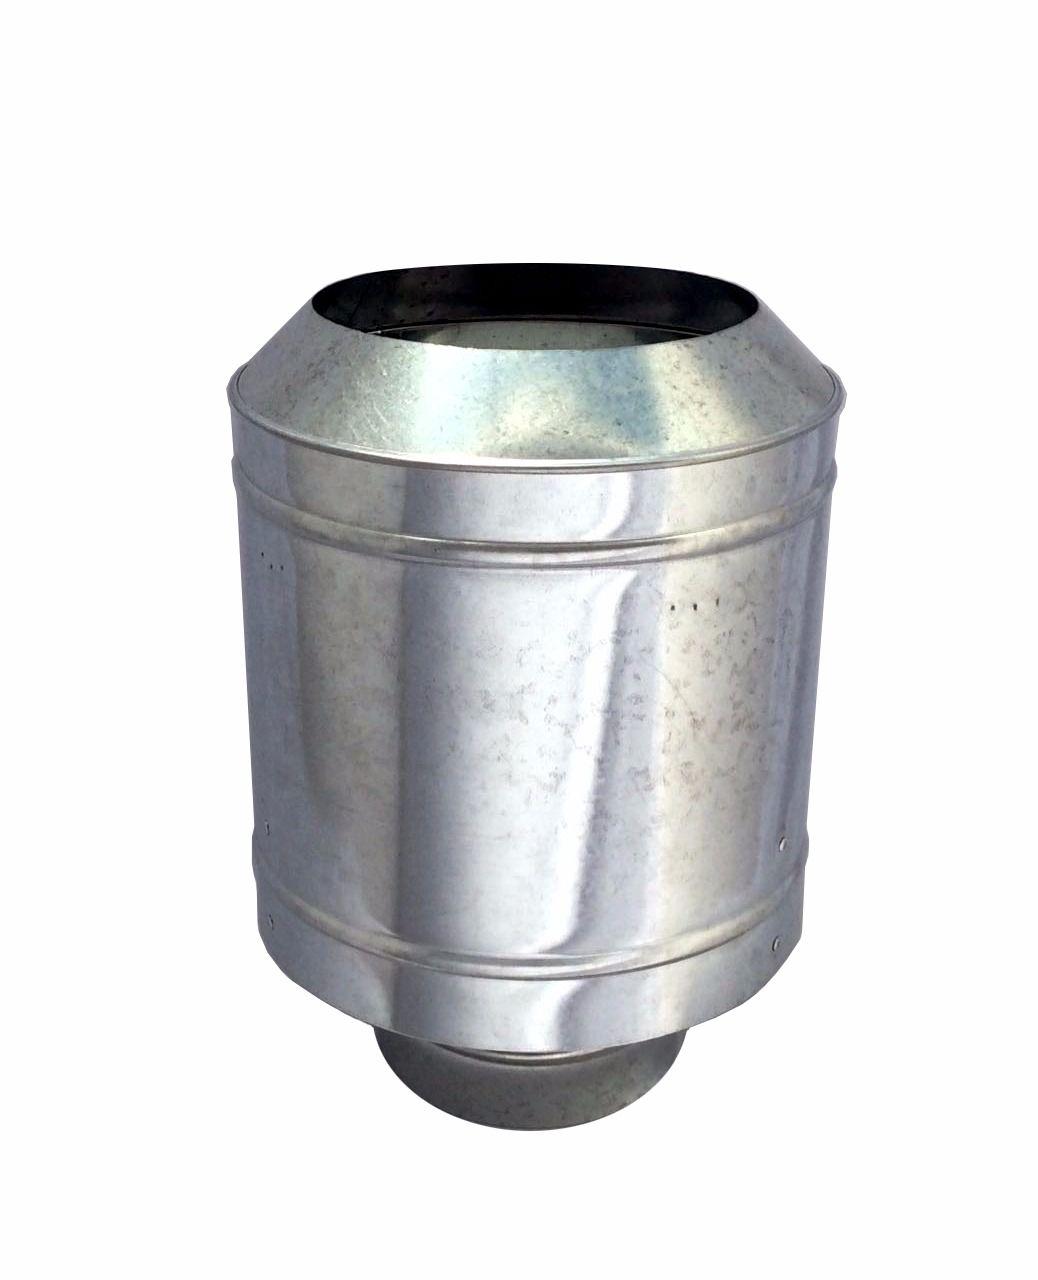 Chapéu galvanizado tipo canhão sputinik para chaminé de 230 mm de diâmetro.  - Galvocalhas